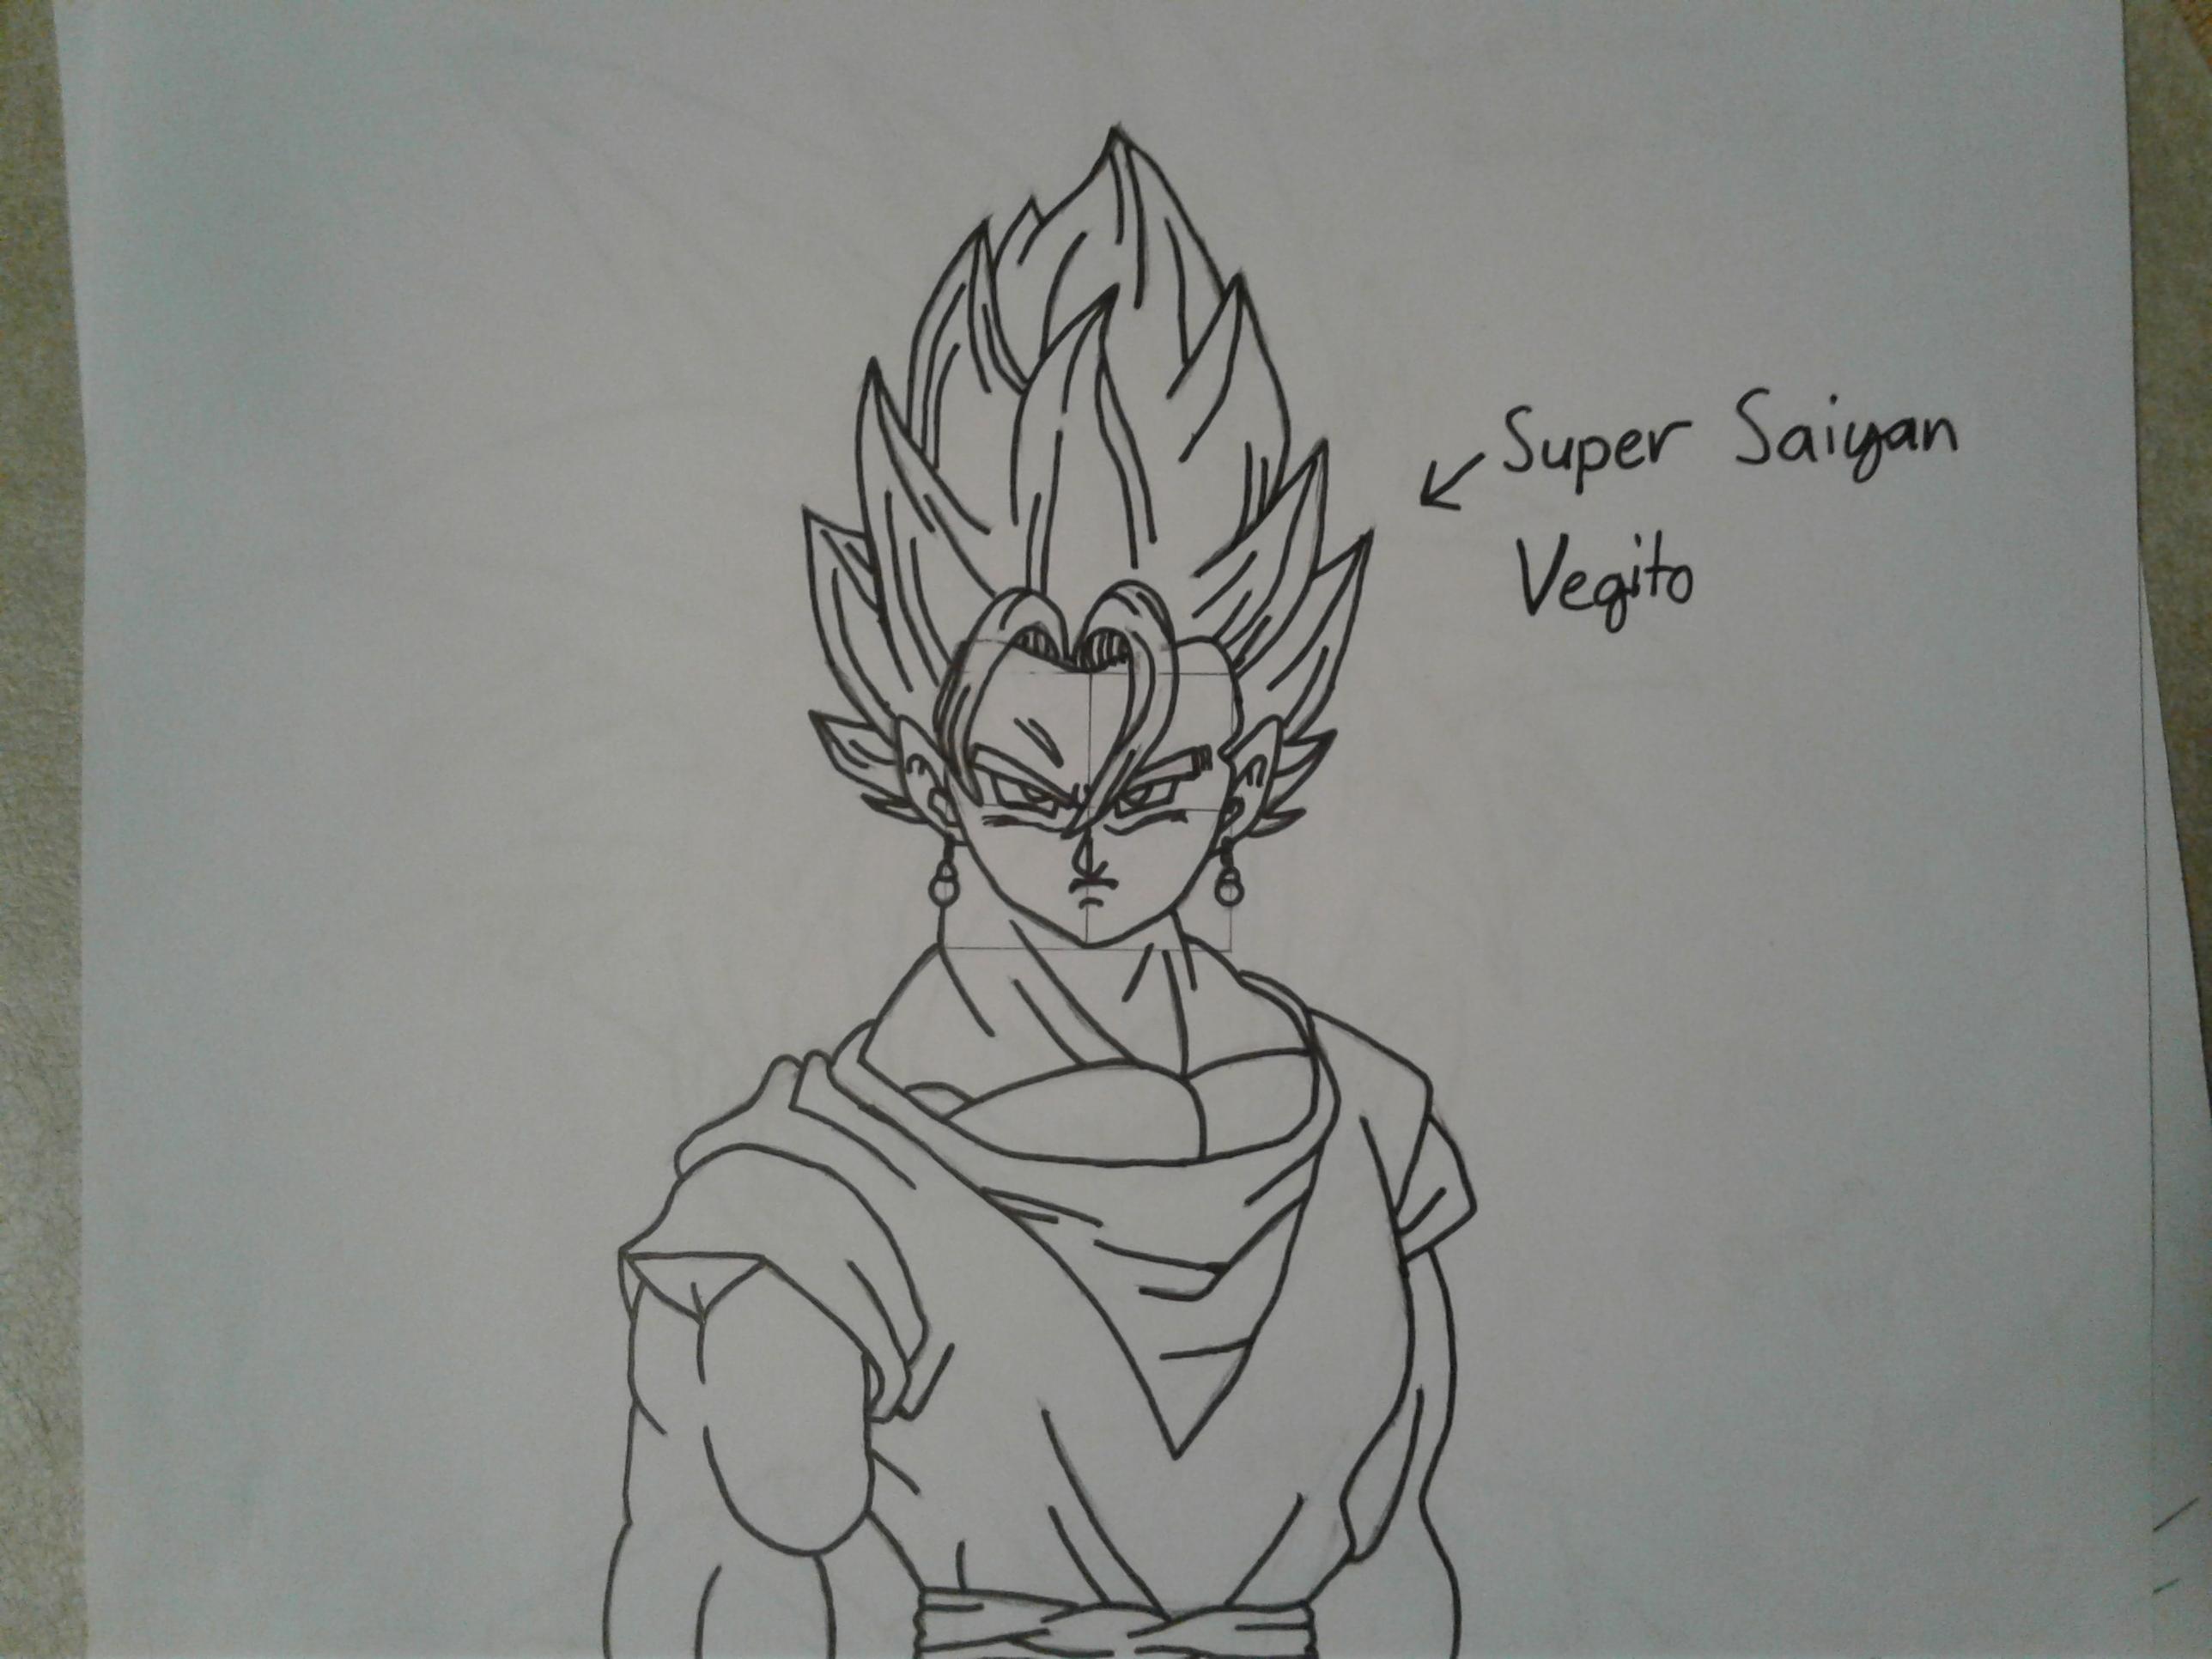 Super Saiyan Vegito